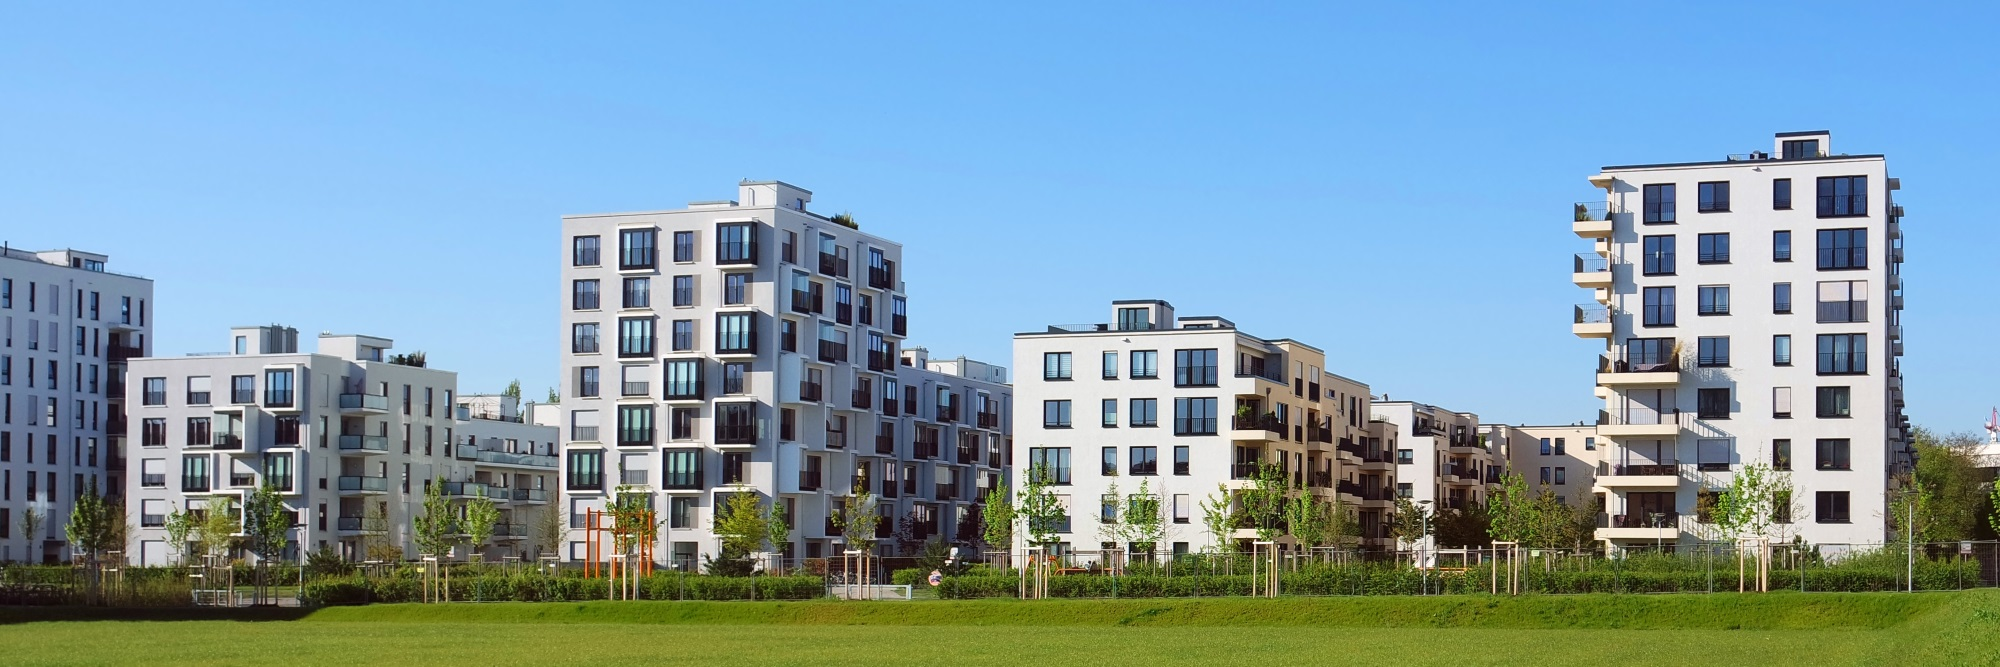 Fachtagung urbaner Wohnugsbau